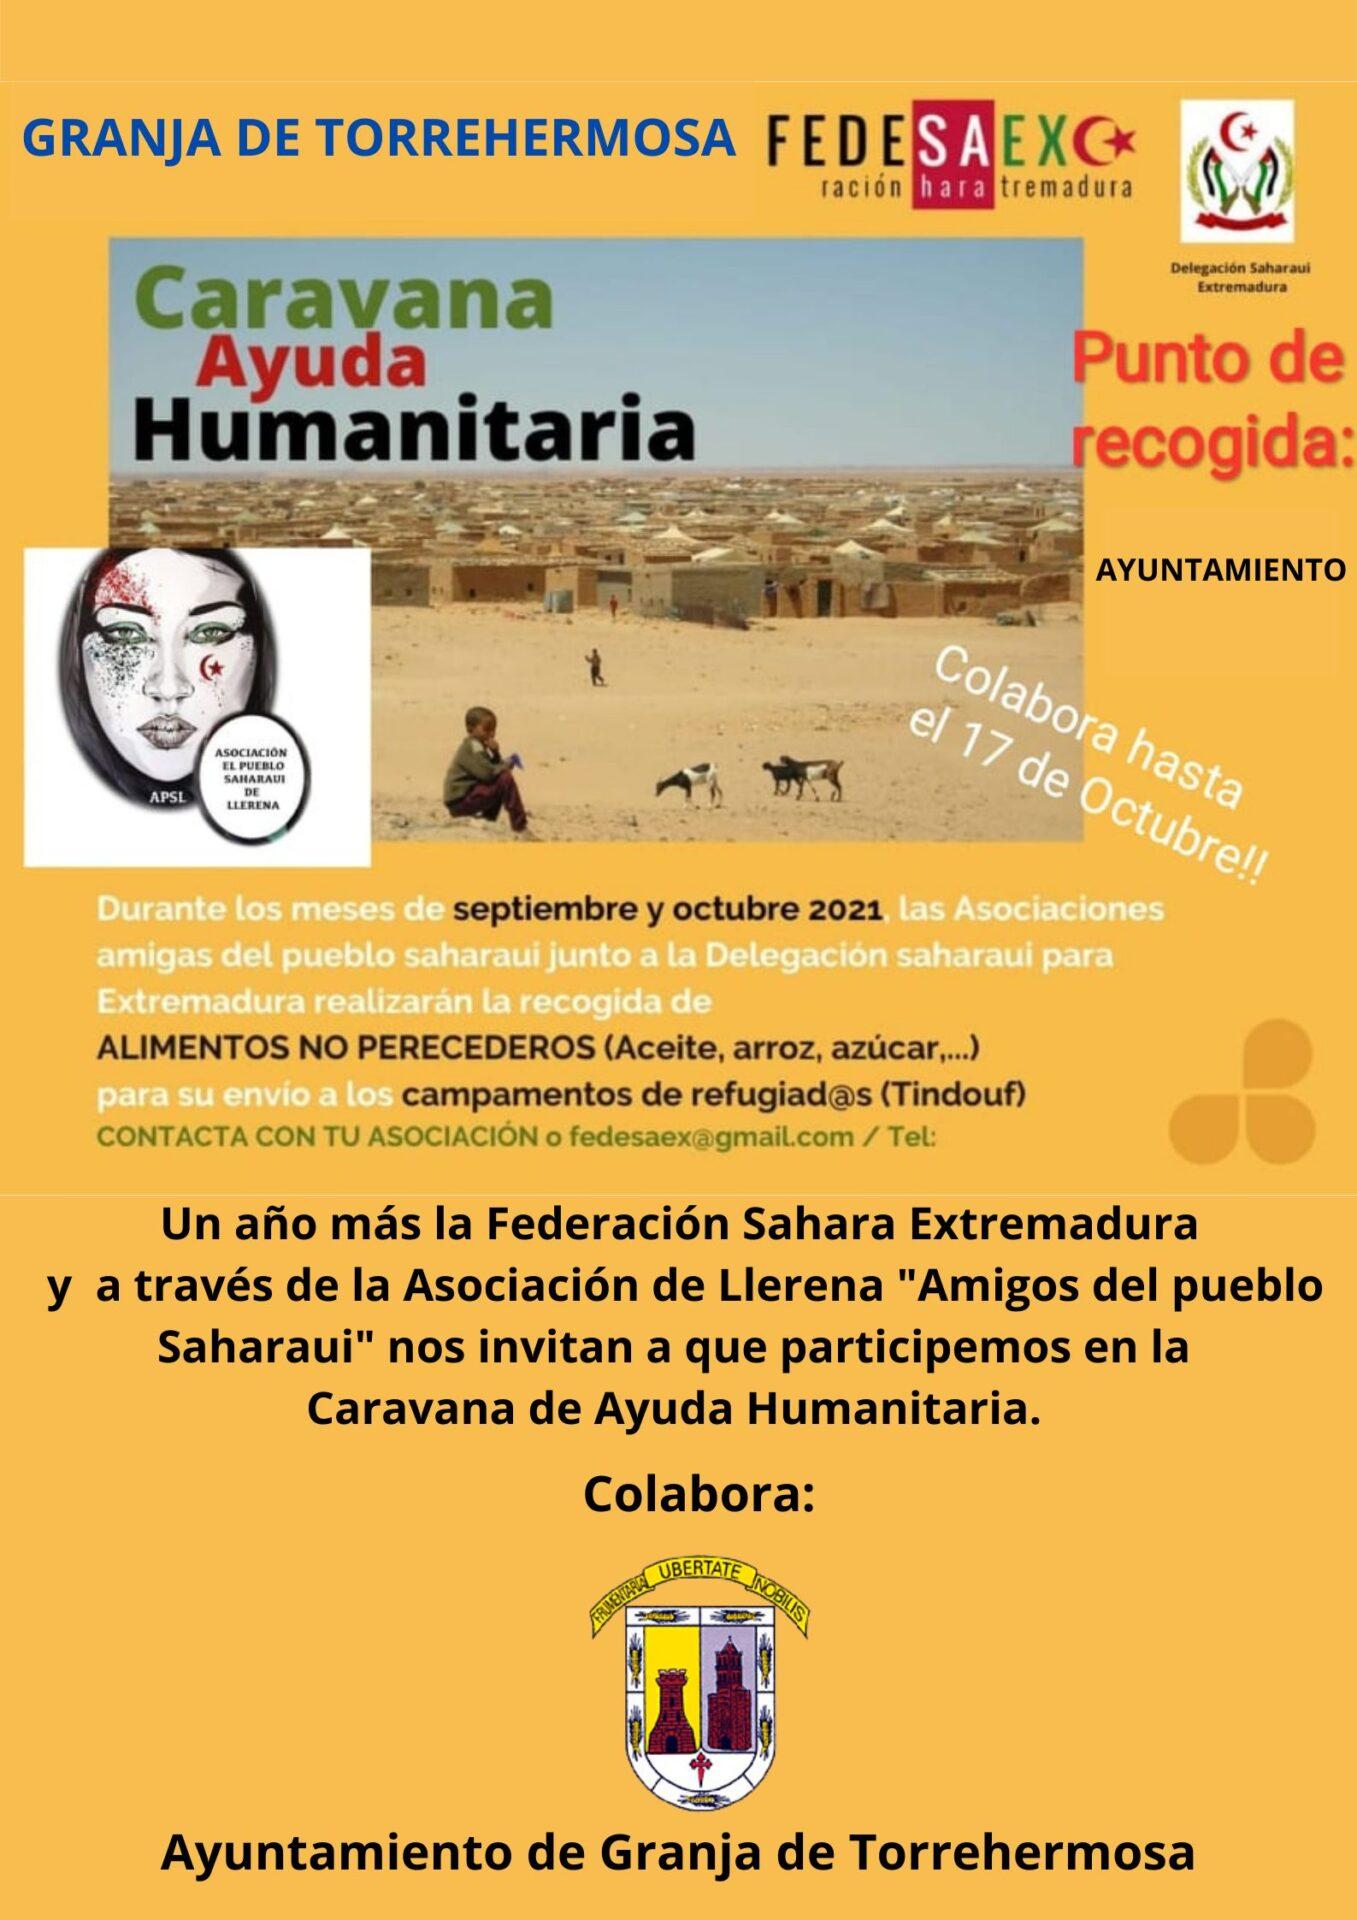 Caravana de Ayuda Humanitaria